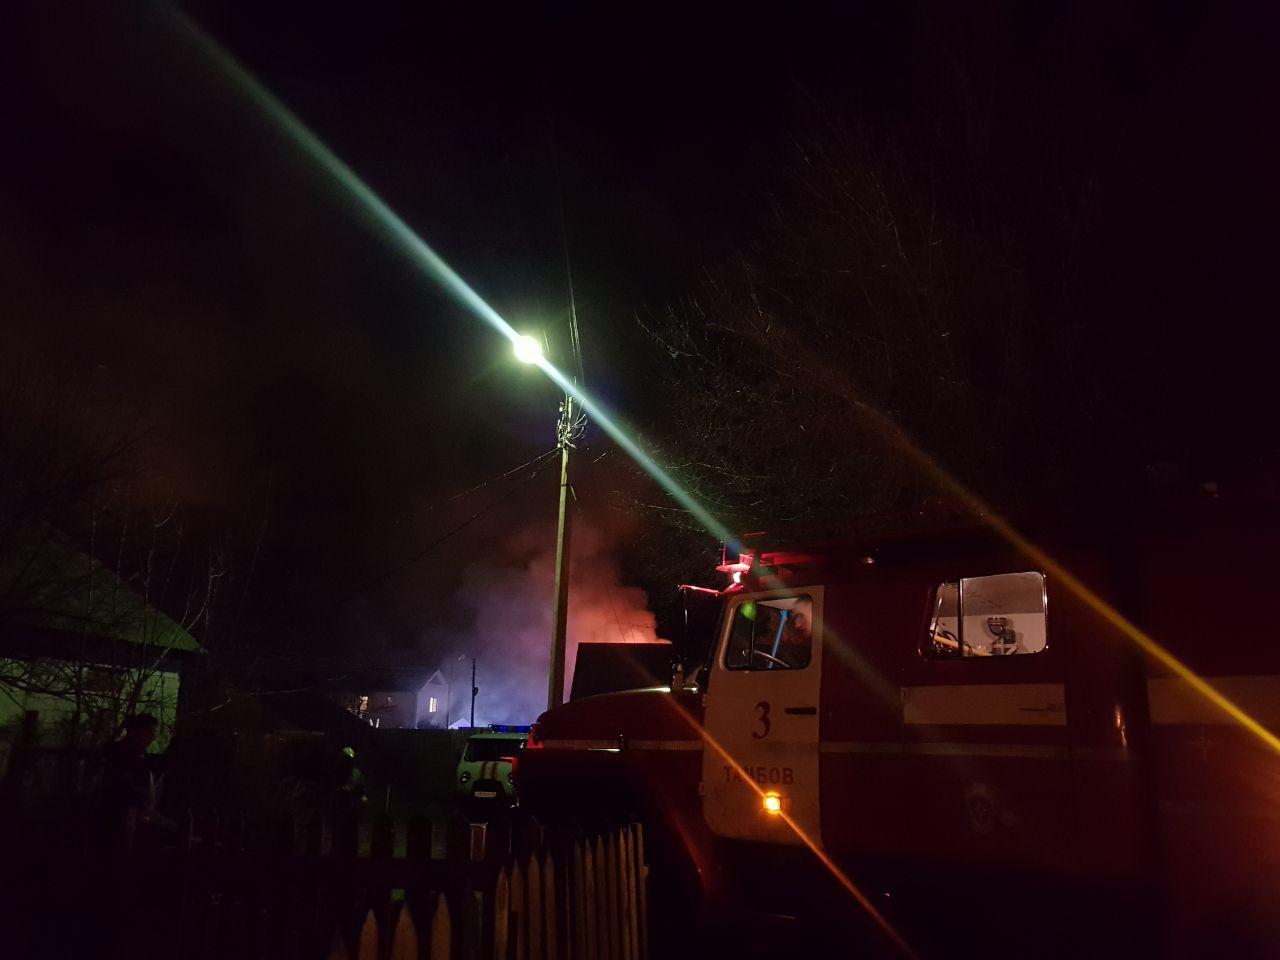 В Тамбове у многодетной семьи загорелся дом: огонь перекинулся на соседний